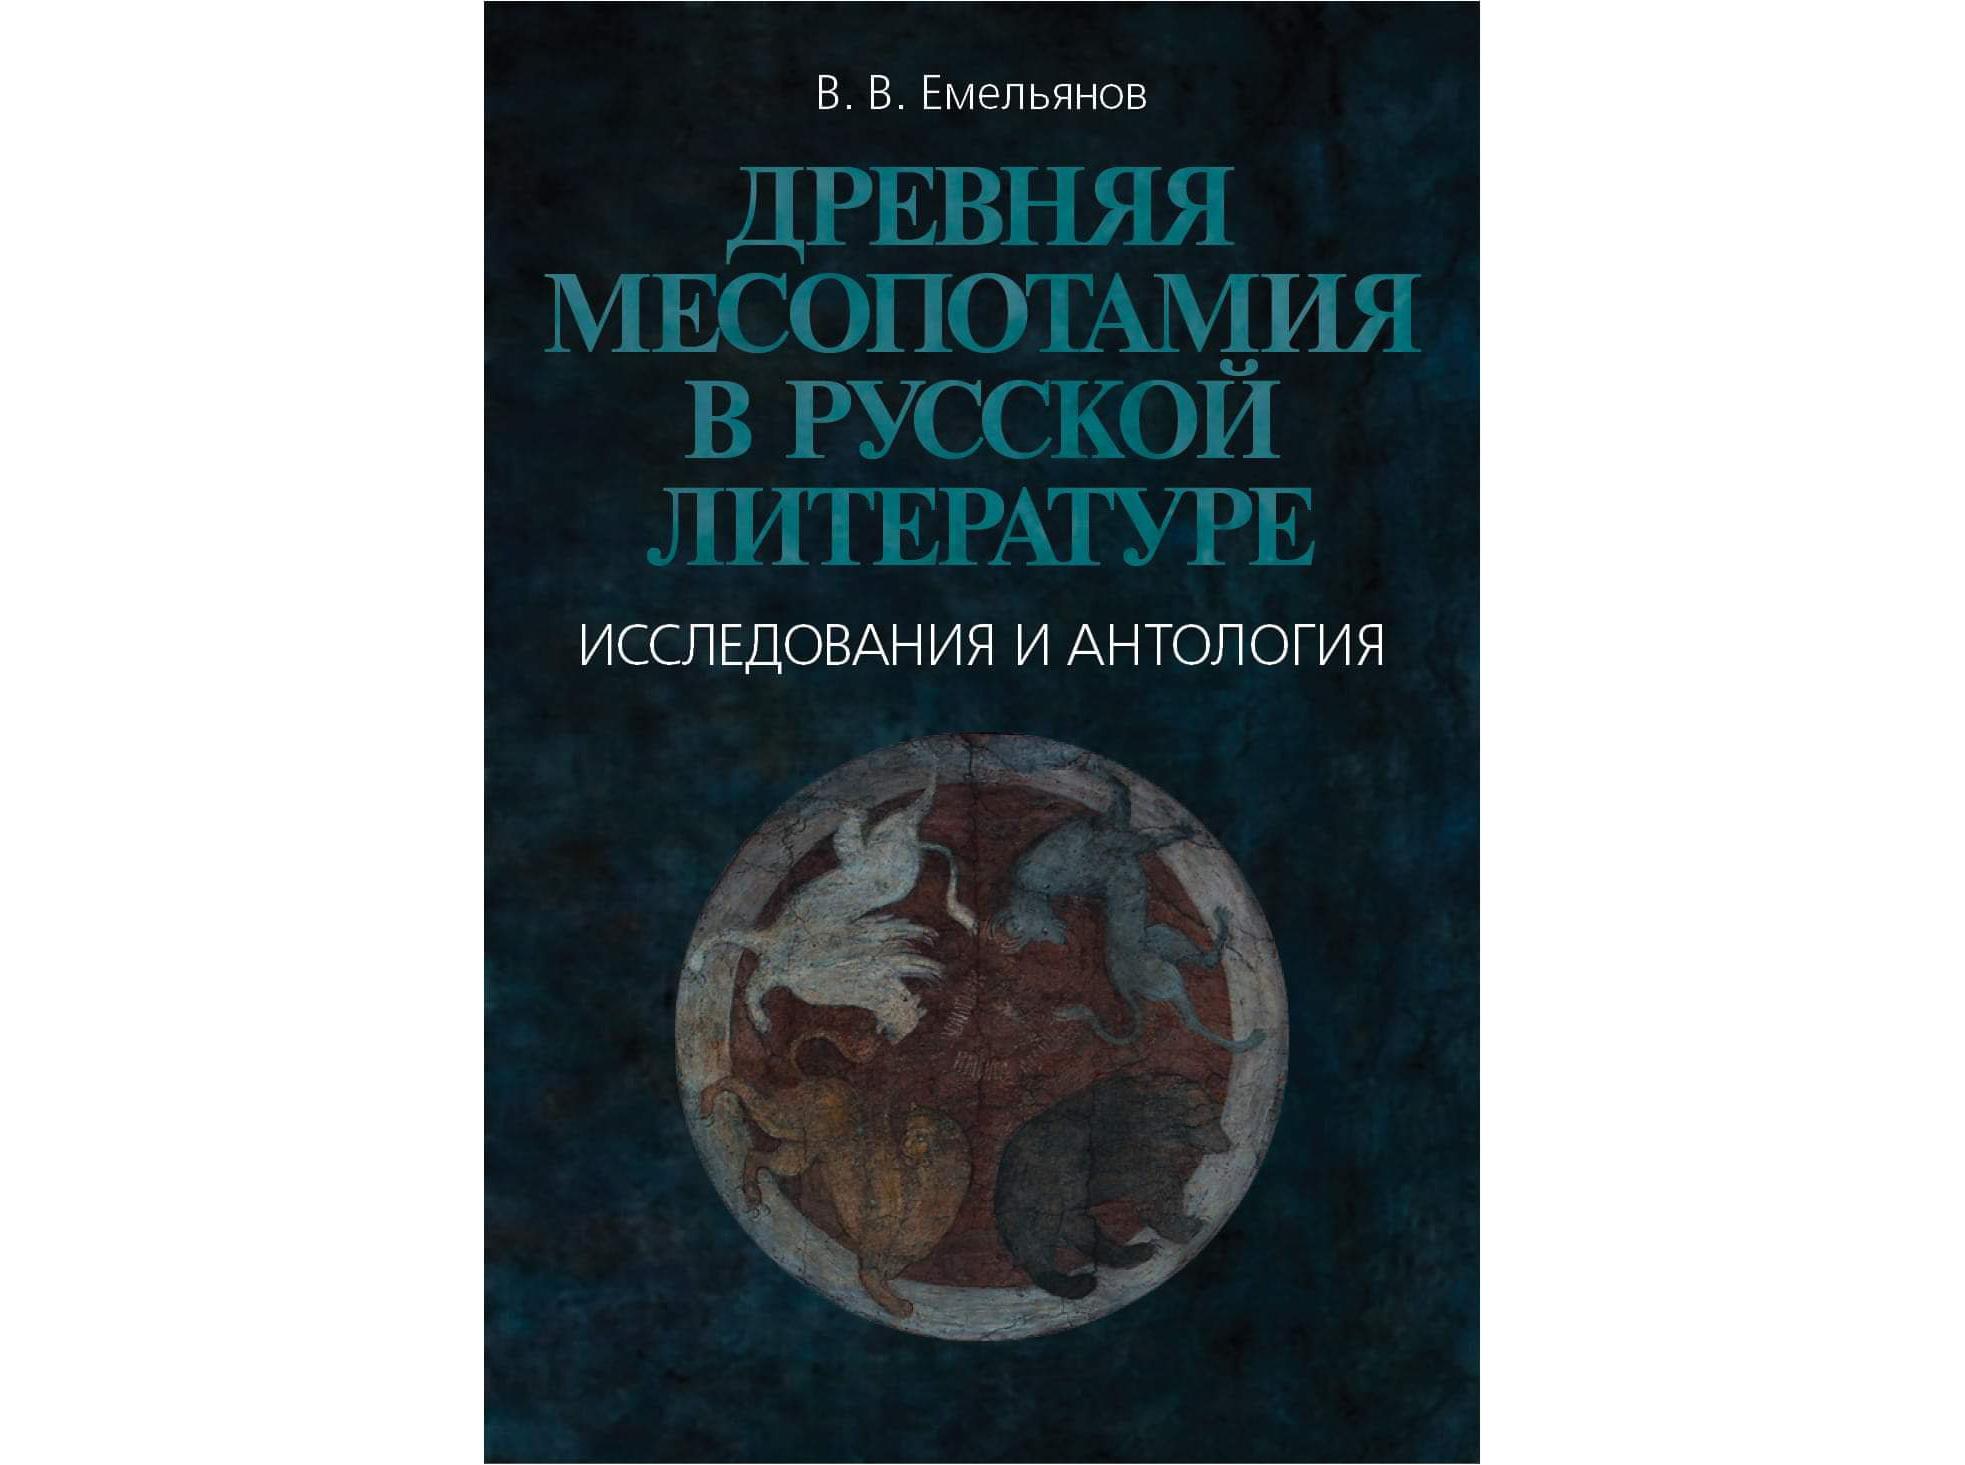 Вышла новая книга профессора Владимира Емельянова о влиянии месопотамской культуры на русскую